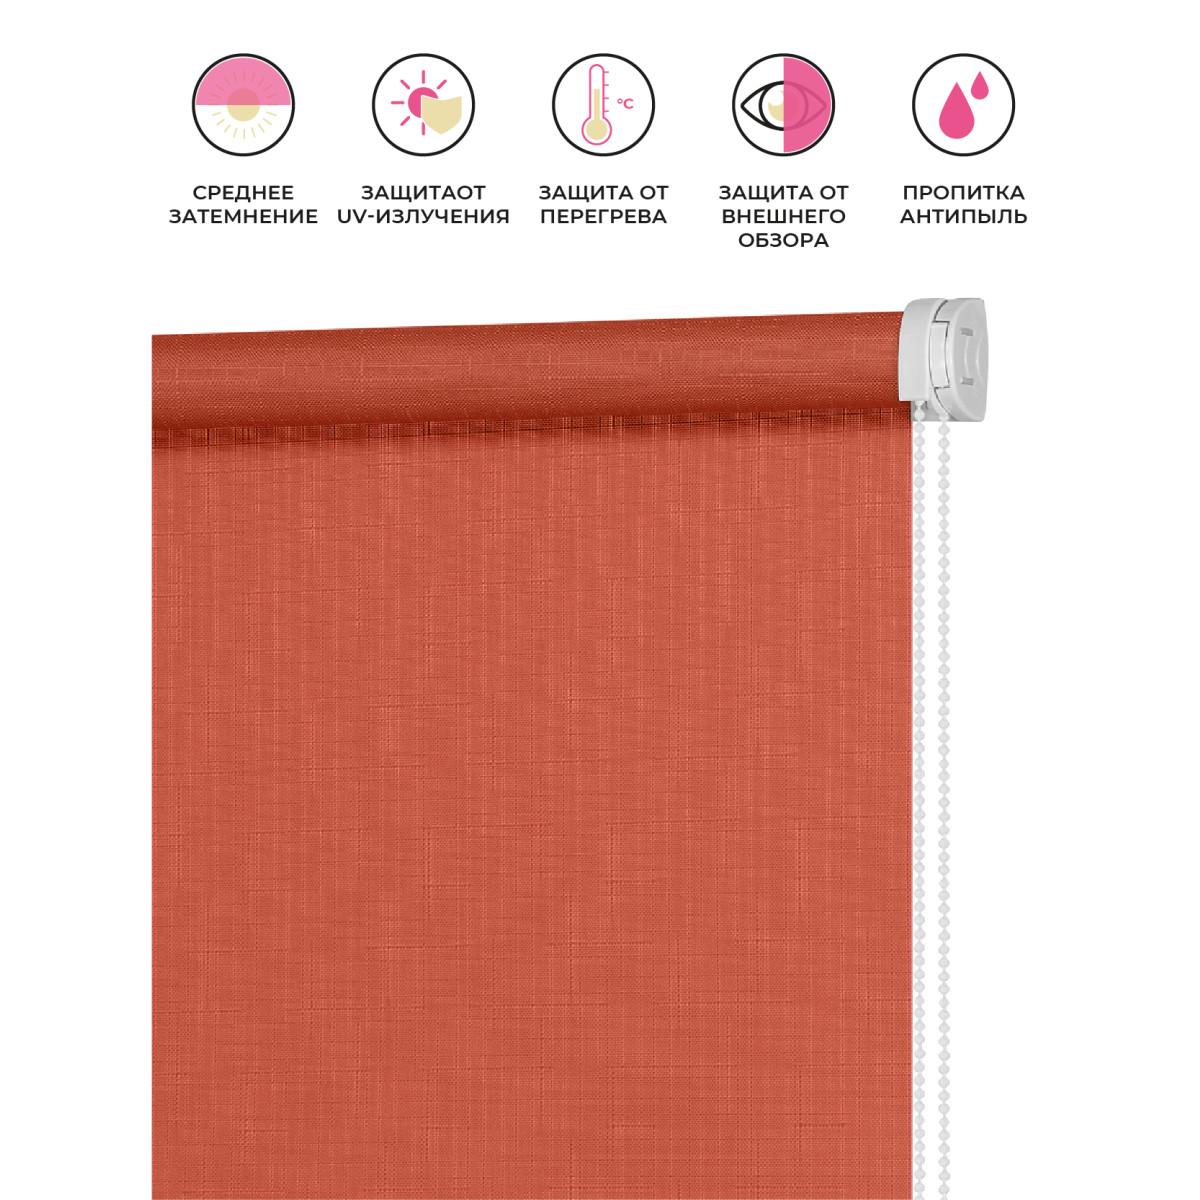 Рулонная Ора Decofest Апилера 80Х160 Цвет Красный